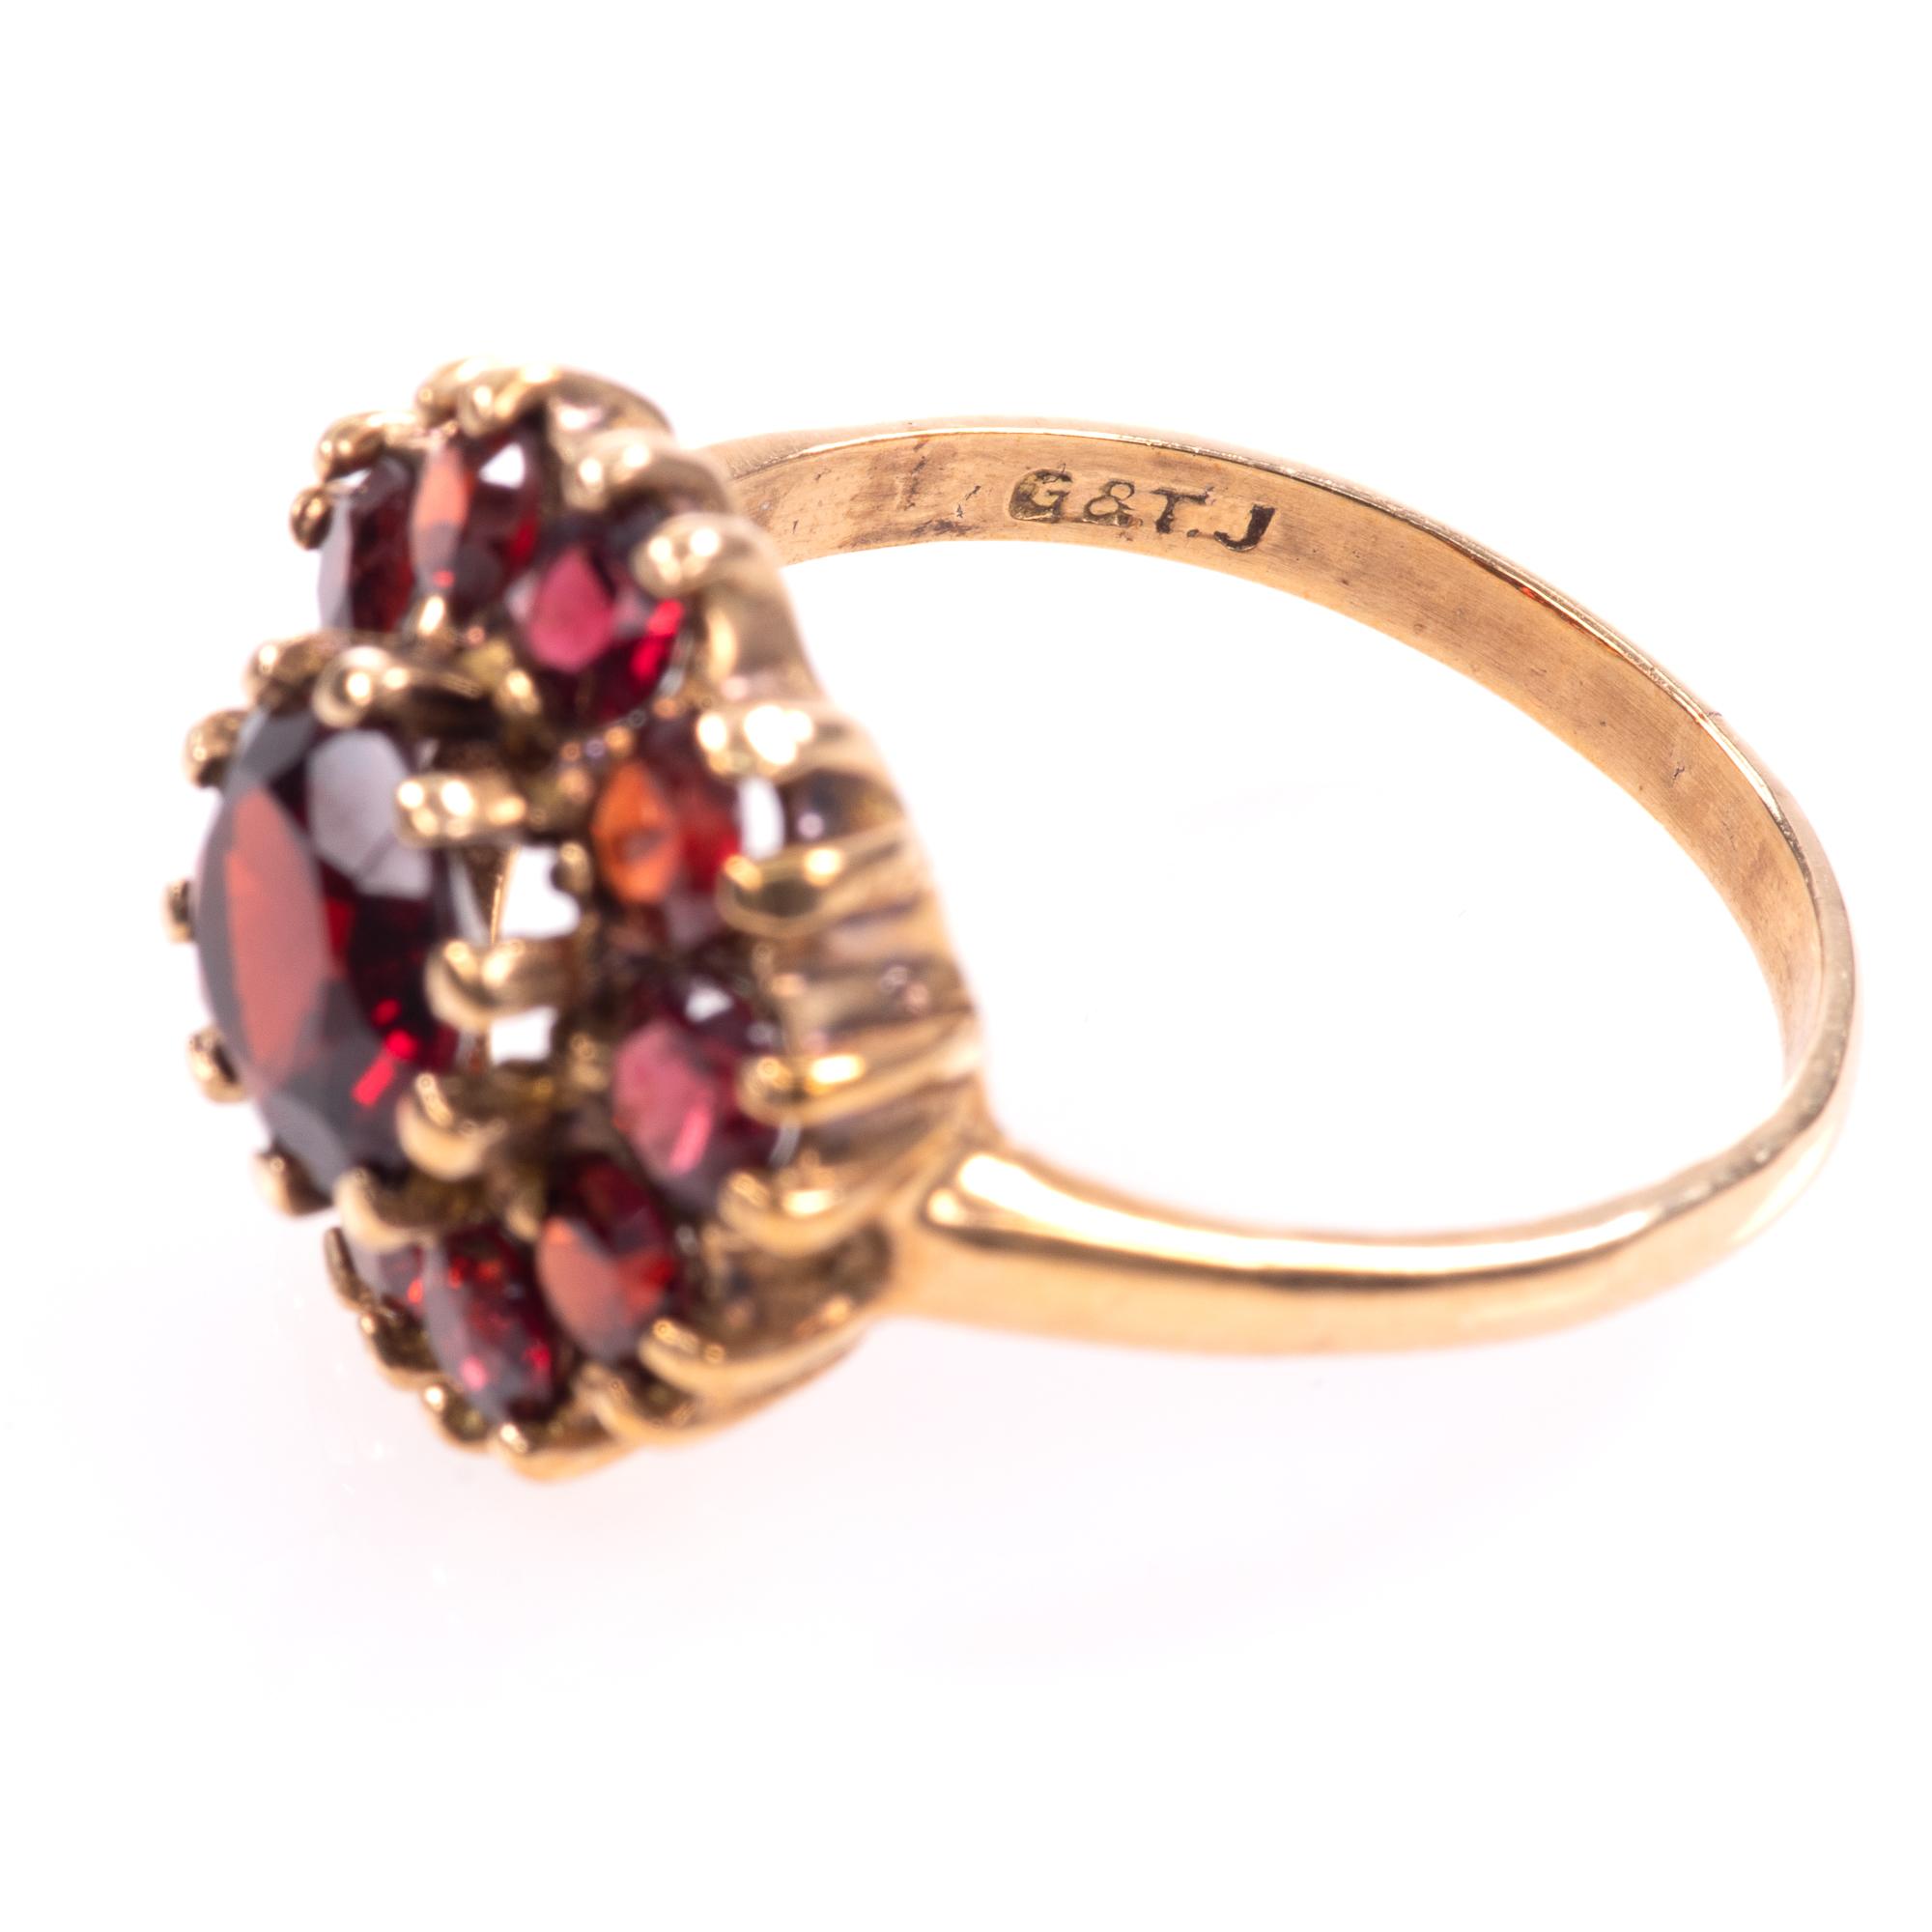 9ct Gold Garnet Ring London 1963 - Image 5 of 8